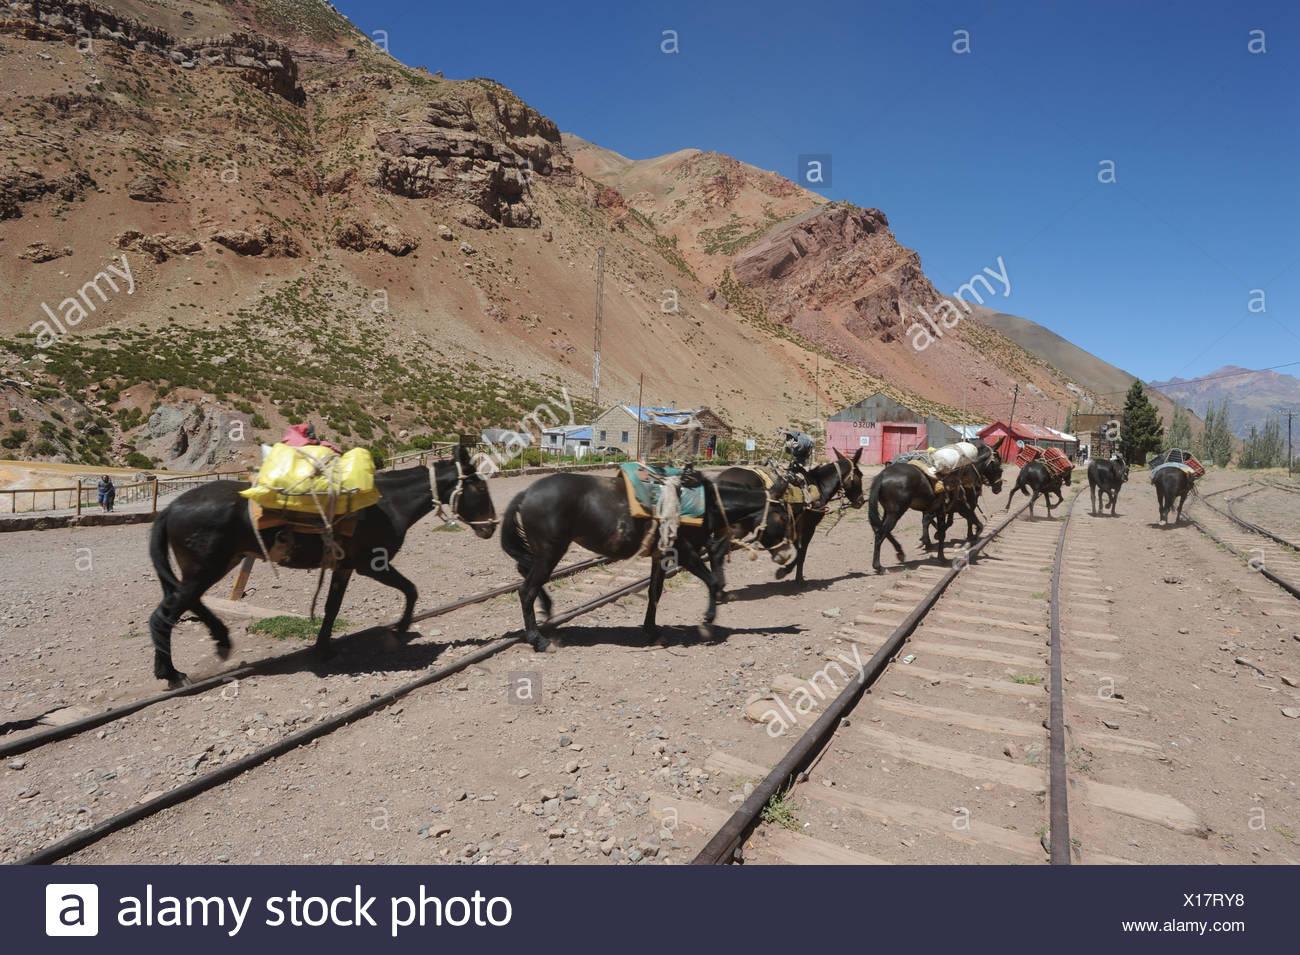 Argentina, Sud America, Ande, rotaie, cavalli, carichi, trasporti, Ponte del Inca, Mendoza Immagini Stock